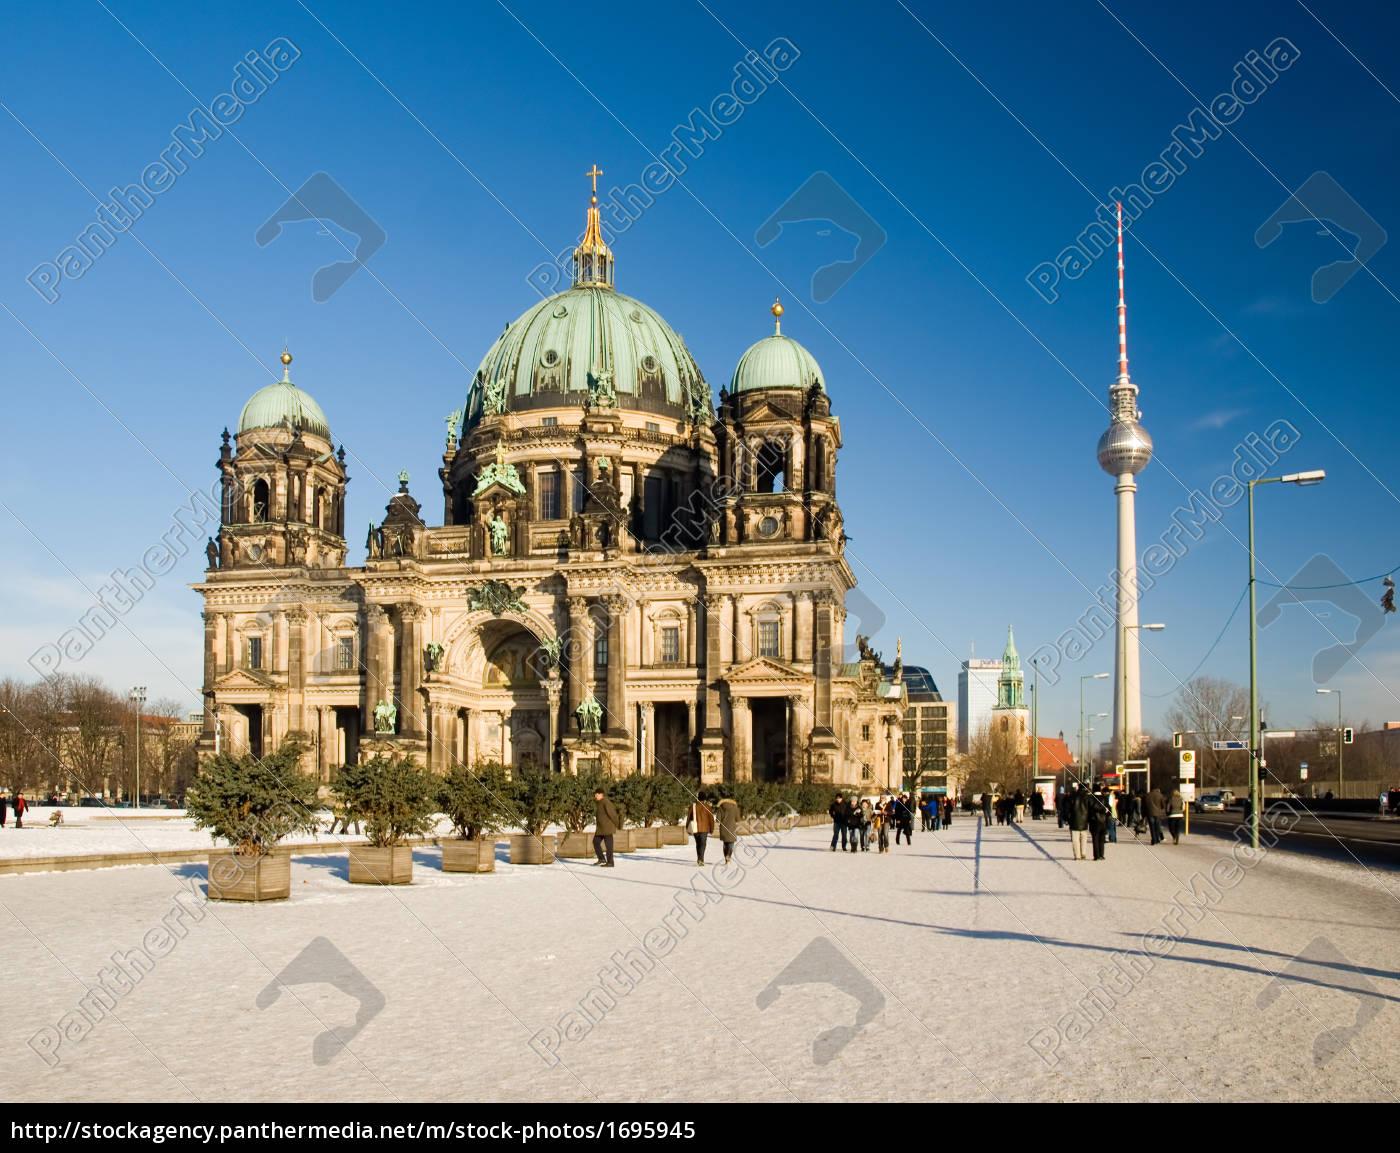 berliner, dom, winter - 1695945